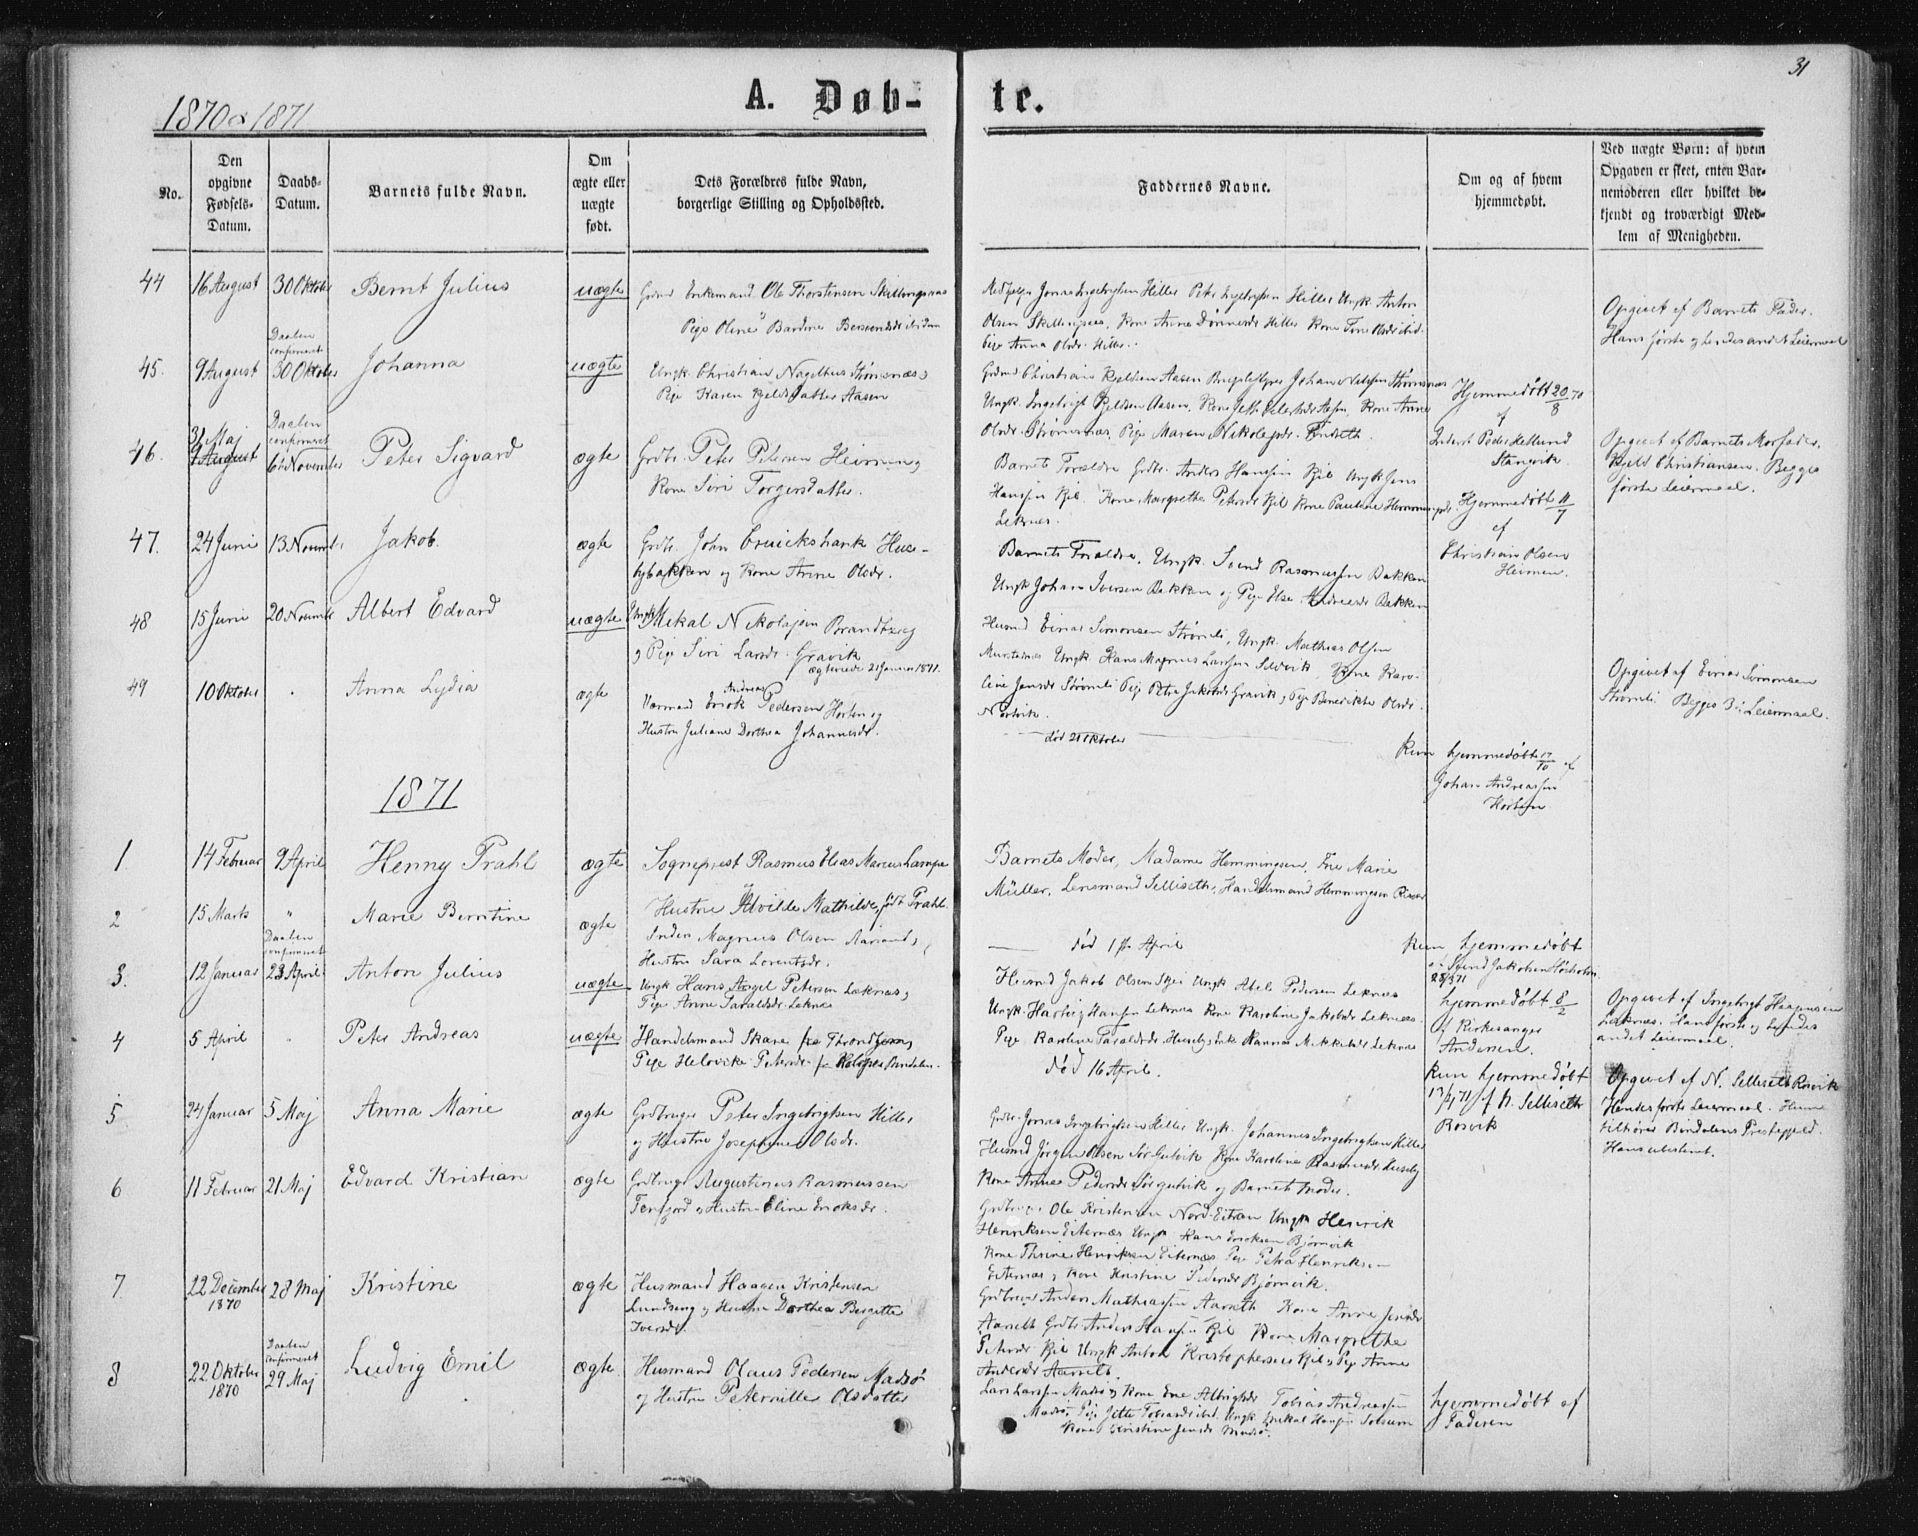 SAT, Ministerialprotokoller, klokkerbøker og fødselsregistre - Nord-Trøndelag, 788/L0696: Ministerialbok nr. 788A03, 1863-1877, s. 31